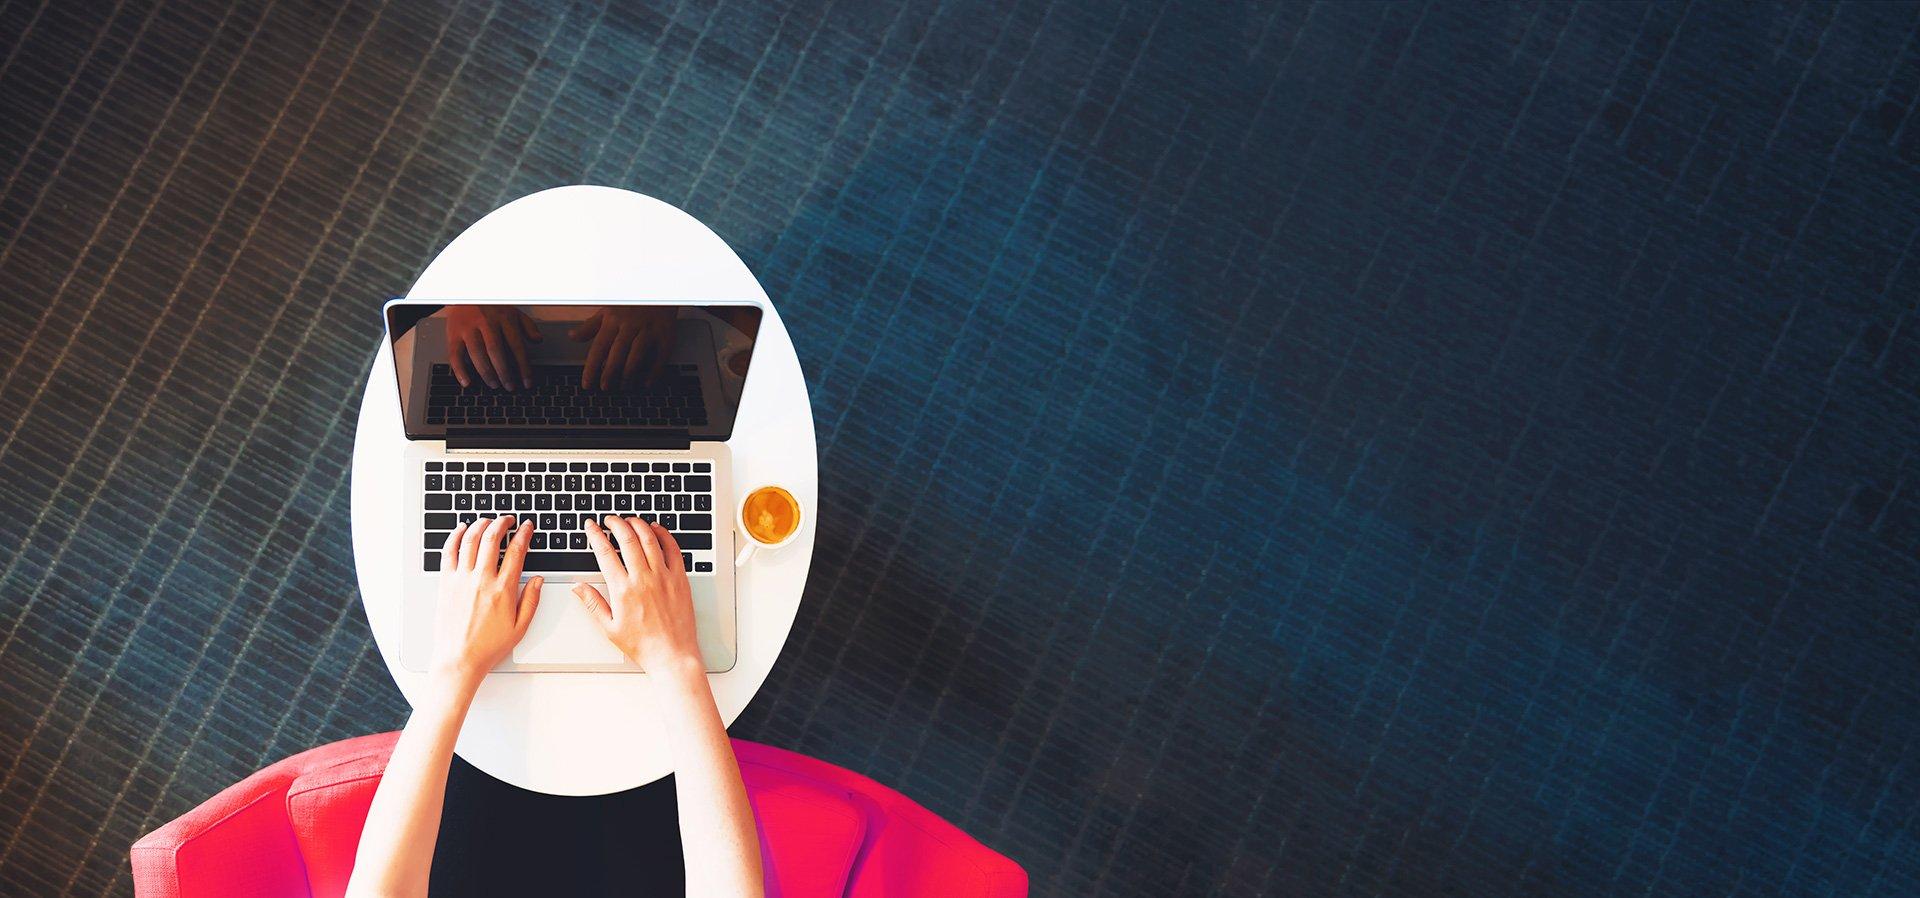 طراحی سایت اهواز قرار داد آنلاین وندا سامانه